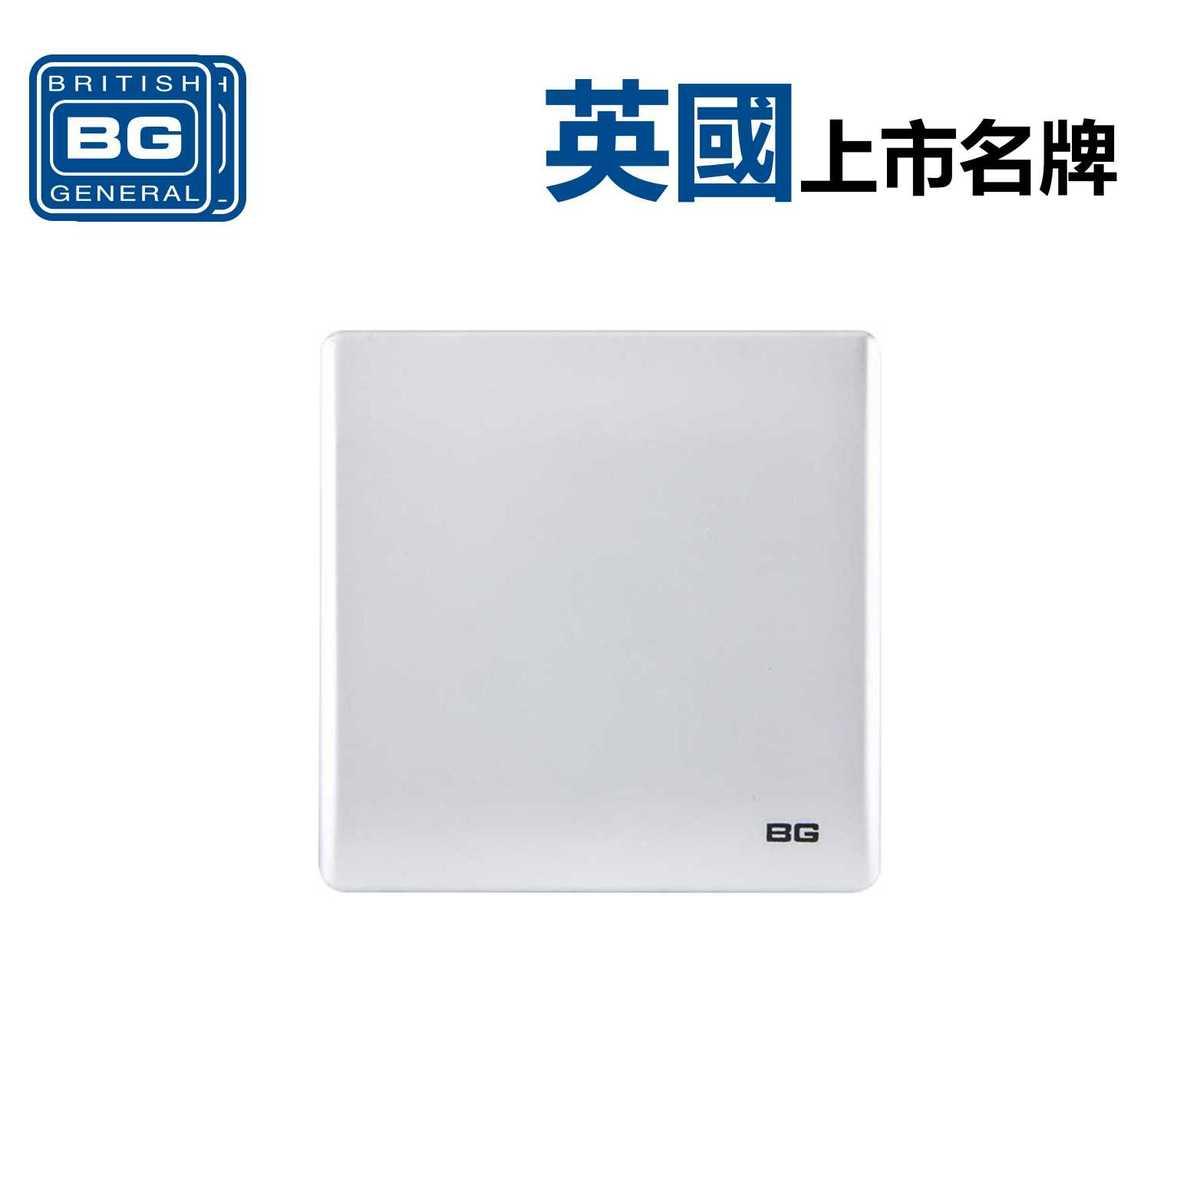 1位空白面板 -銀色 (型號 : PCSL94)